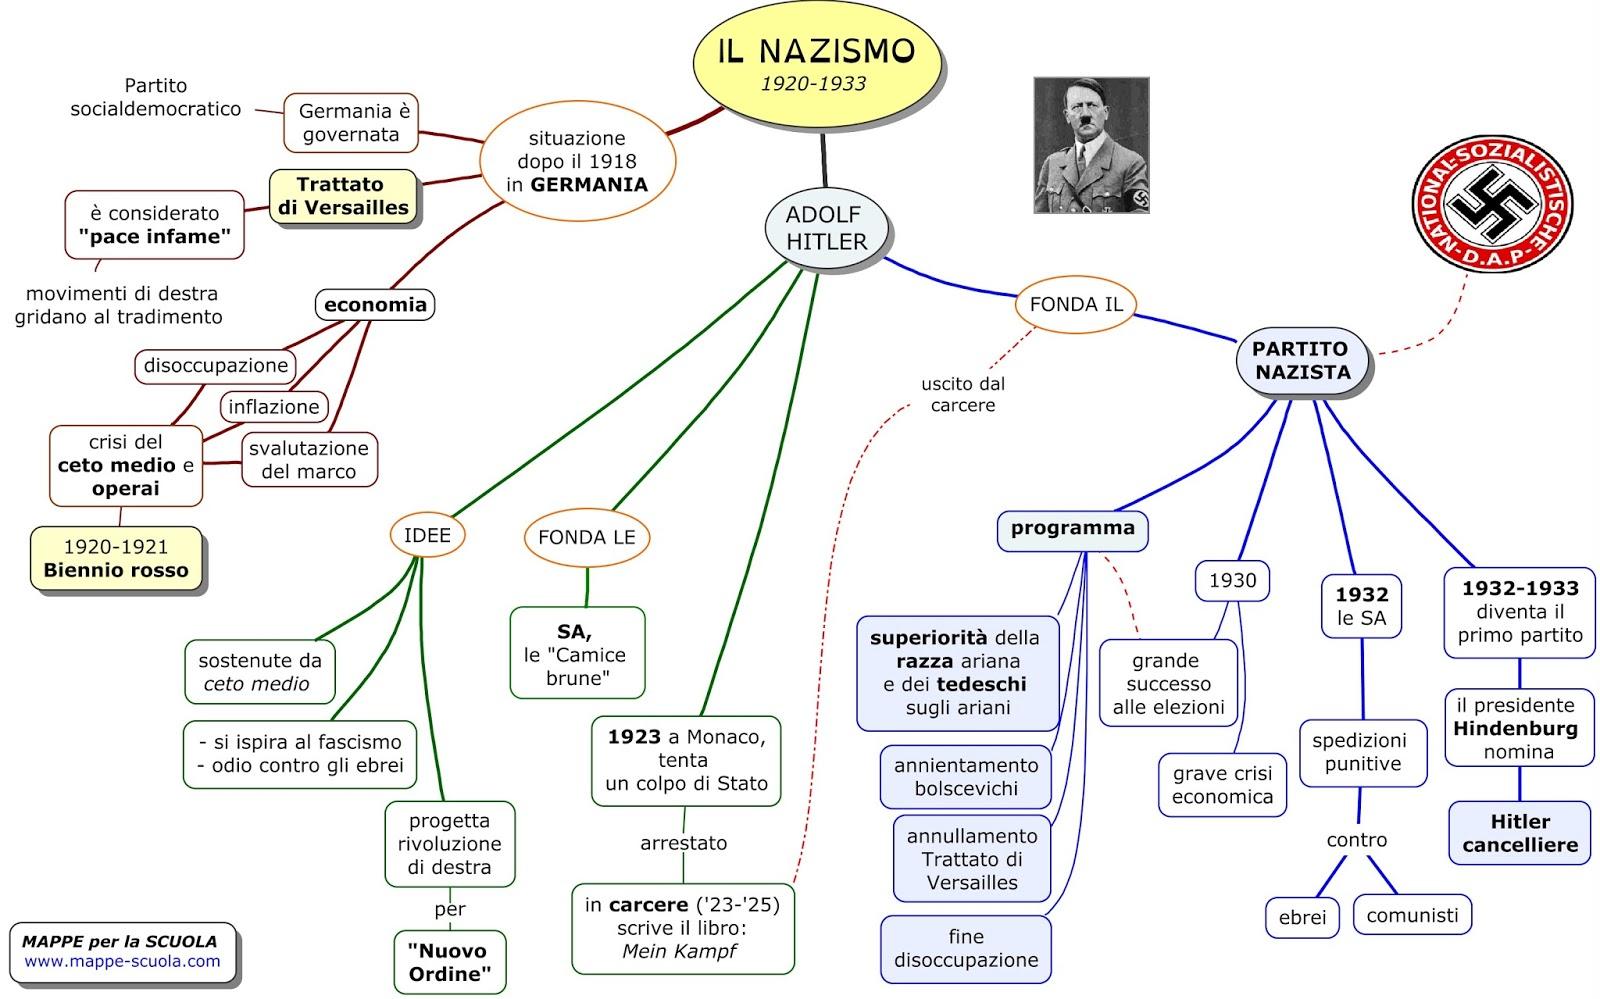 Mappa concettuale sul nazismo